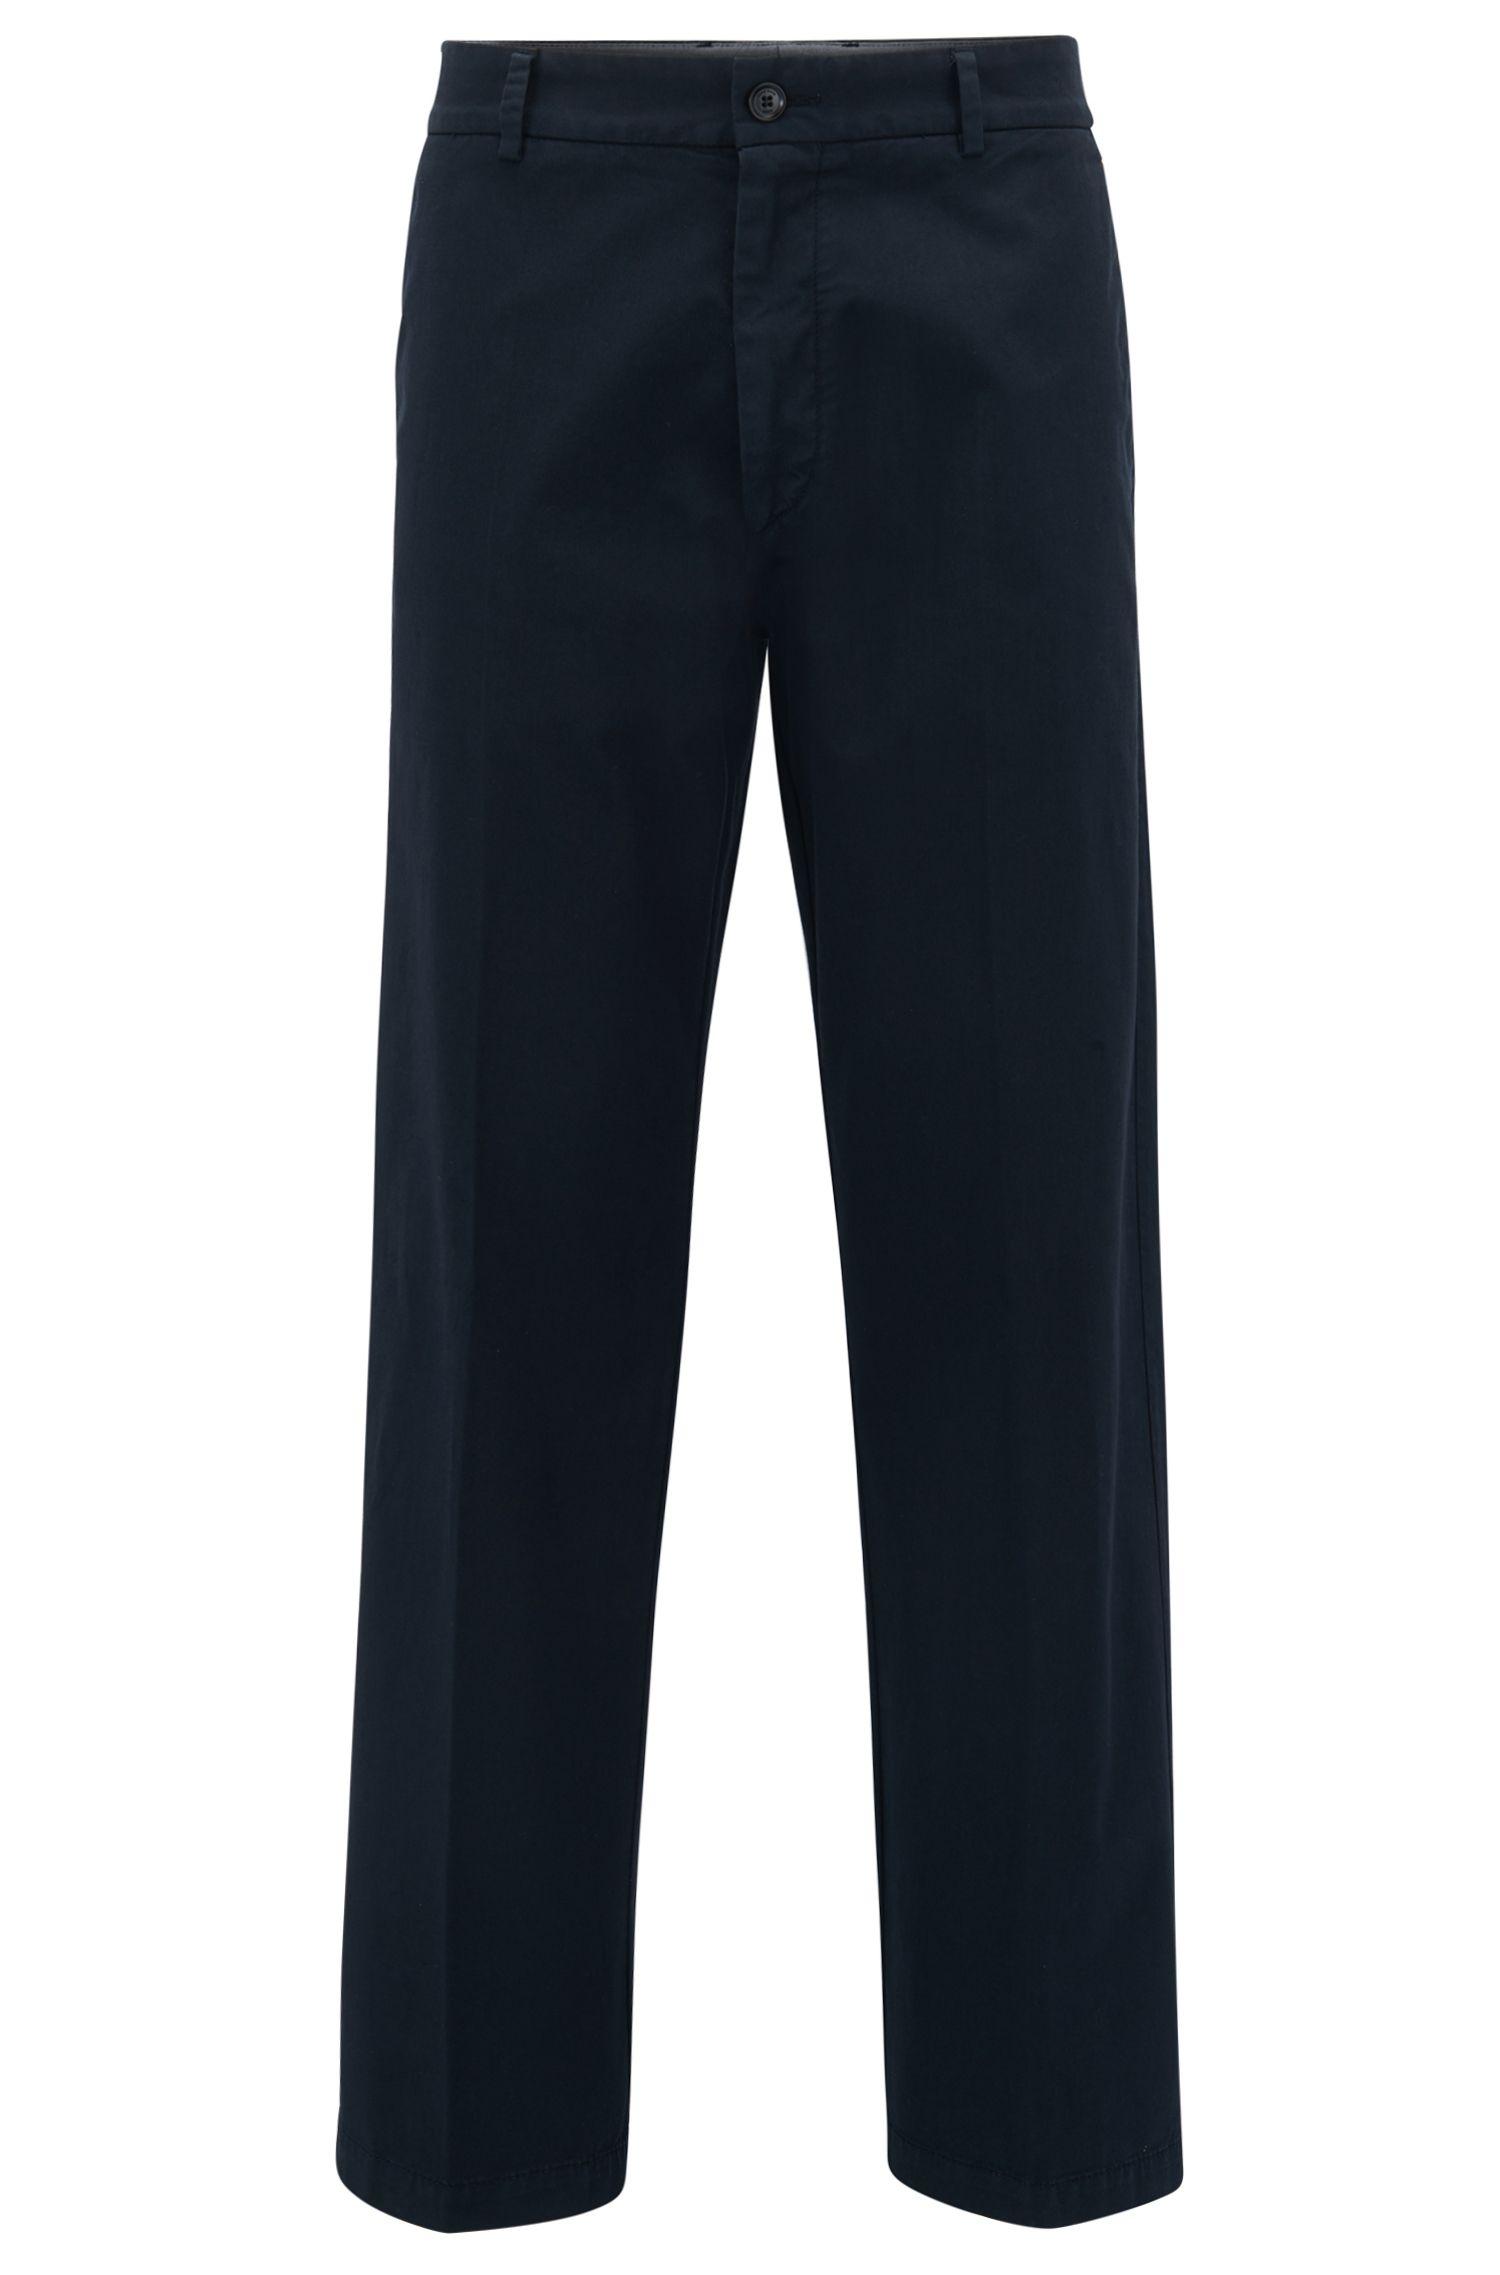 Pantaloni relaxed fit a gamba larga in gabardine di cotone elasticizzato.